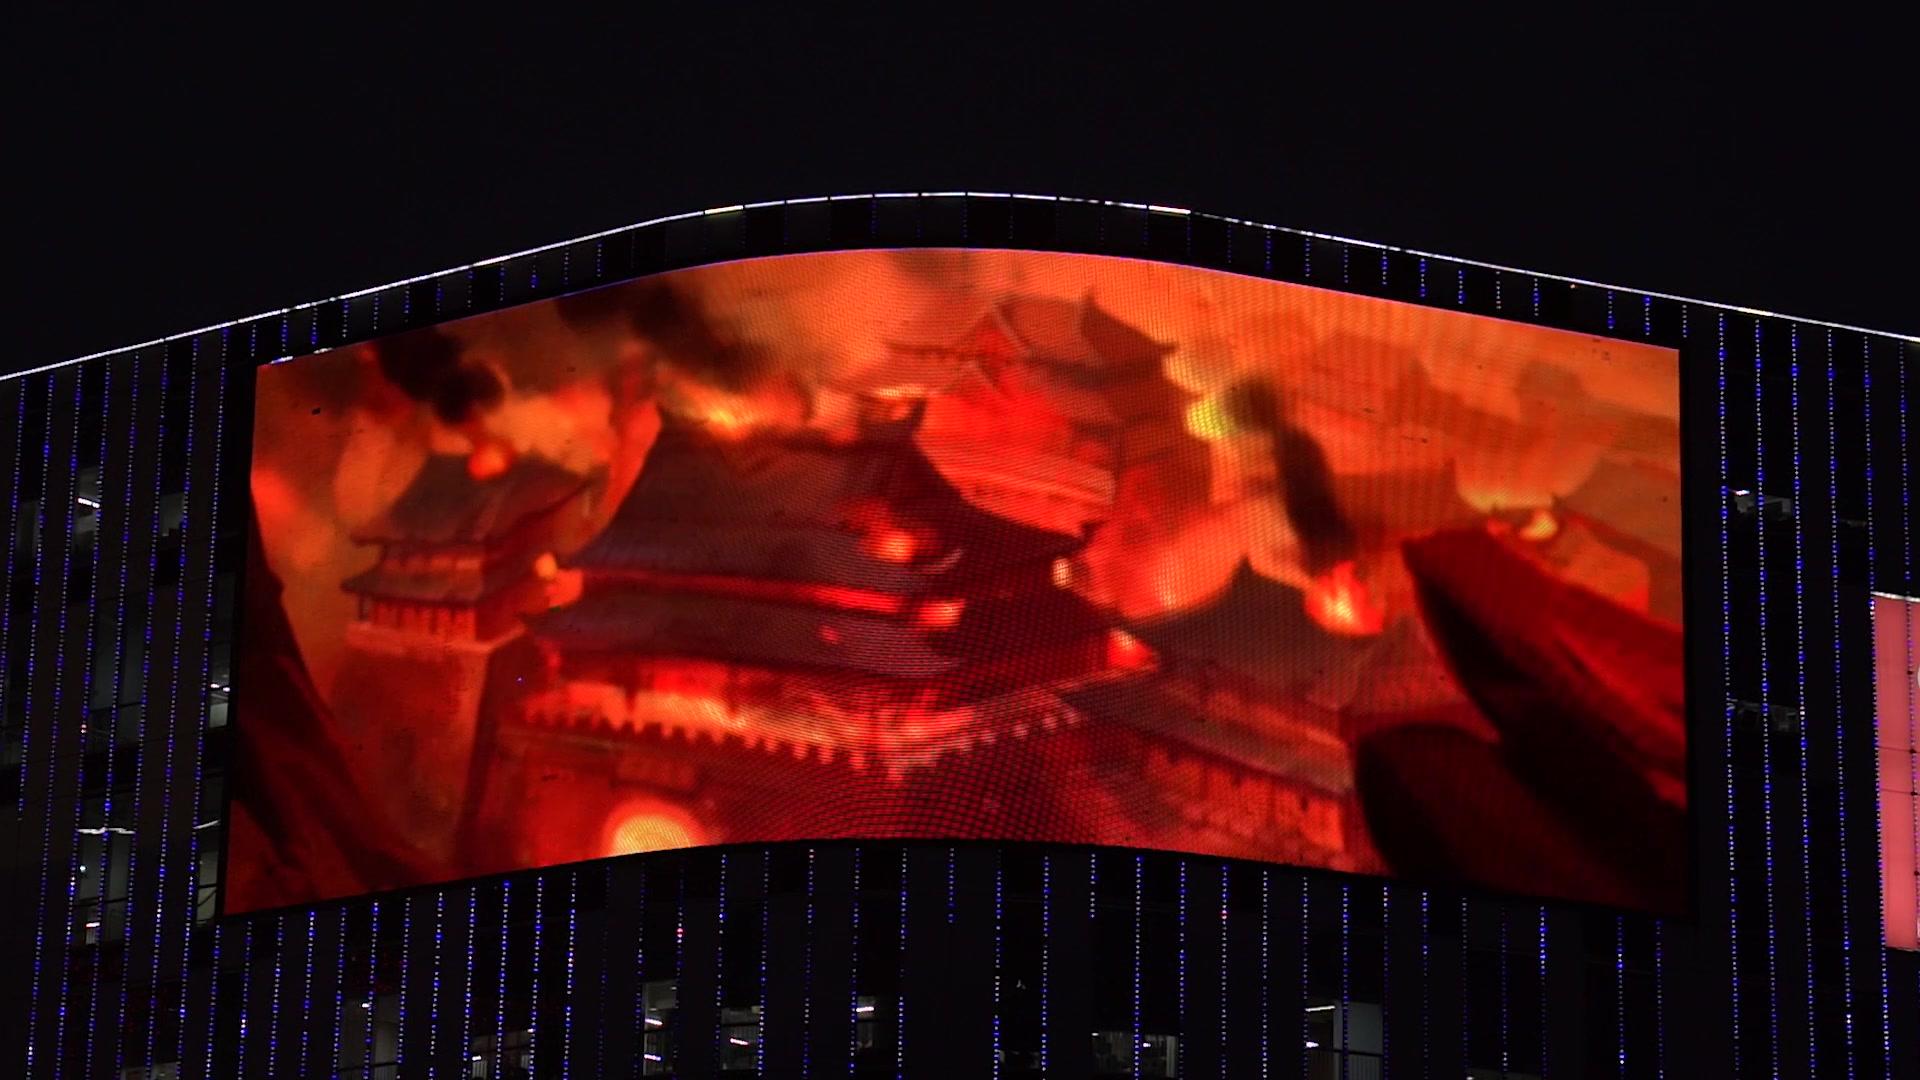 上海惊现巨屏兄弟集结令!